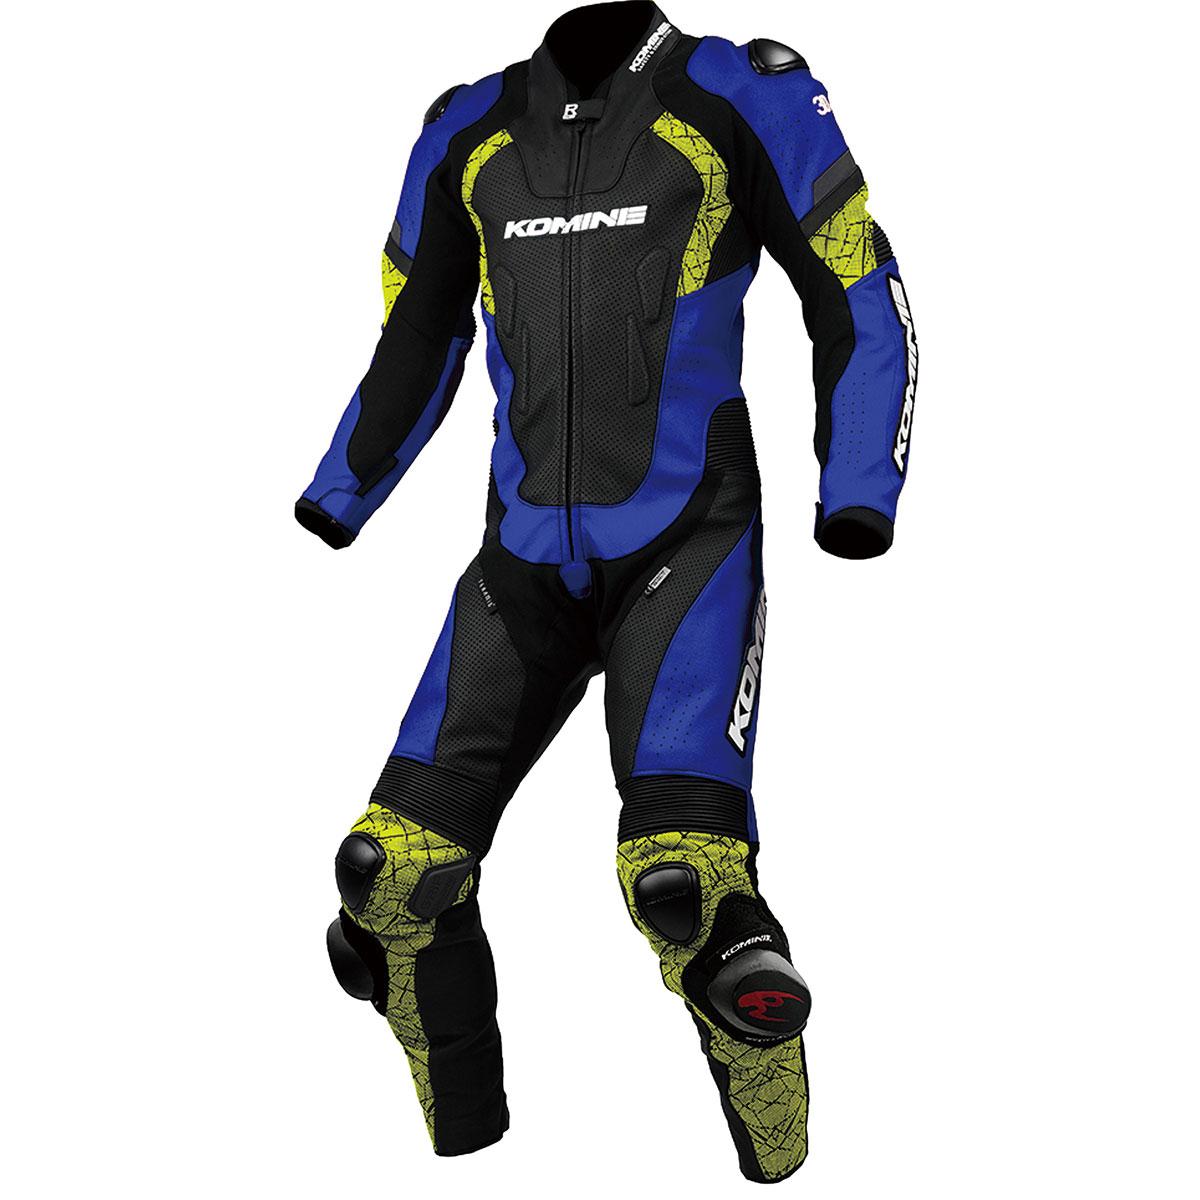 コミネ (Komine) バイク用 レザー & レーシングギア Leather & Racing Gear S-52 レーシングレザースーツ ブルー ネオン 青 XLサイズ 02-052/BL/N/XL